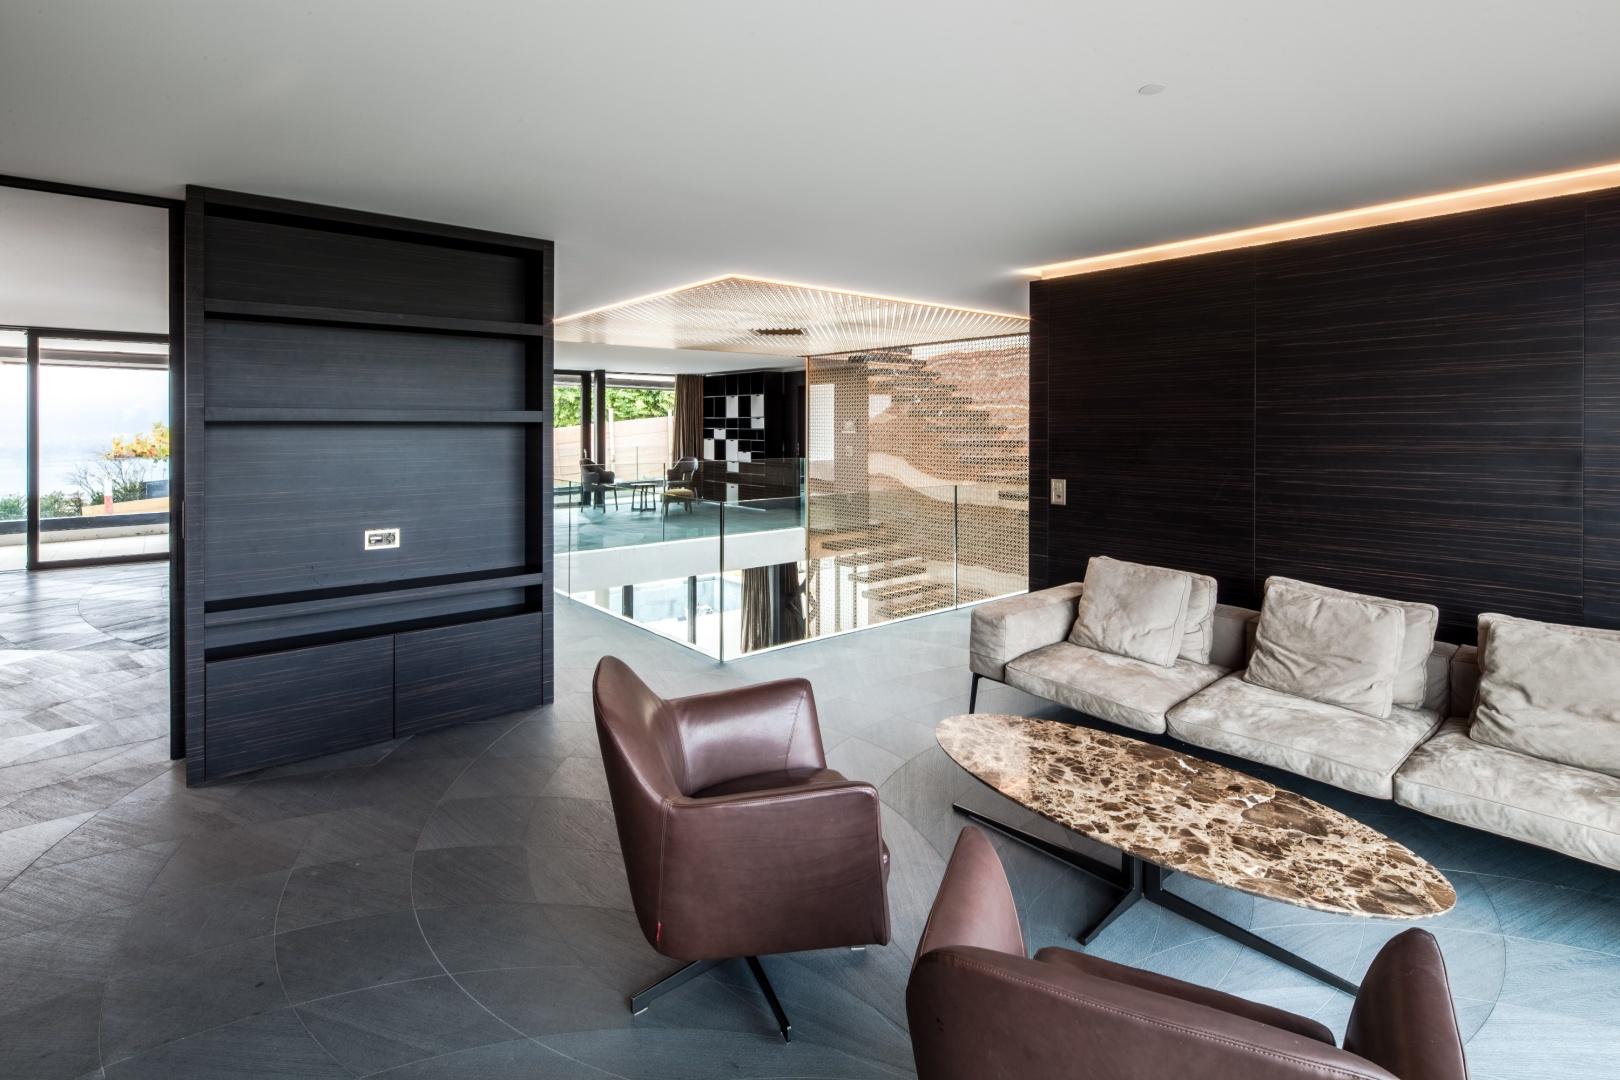 Wohnzimmer © Mark Drotsky, Langenthal